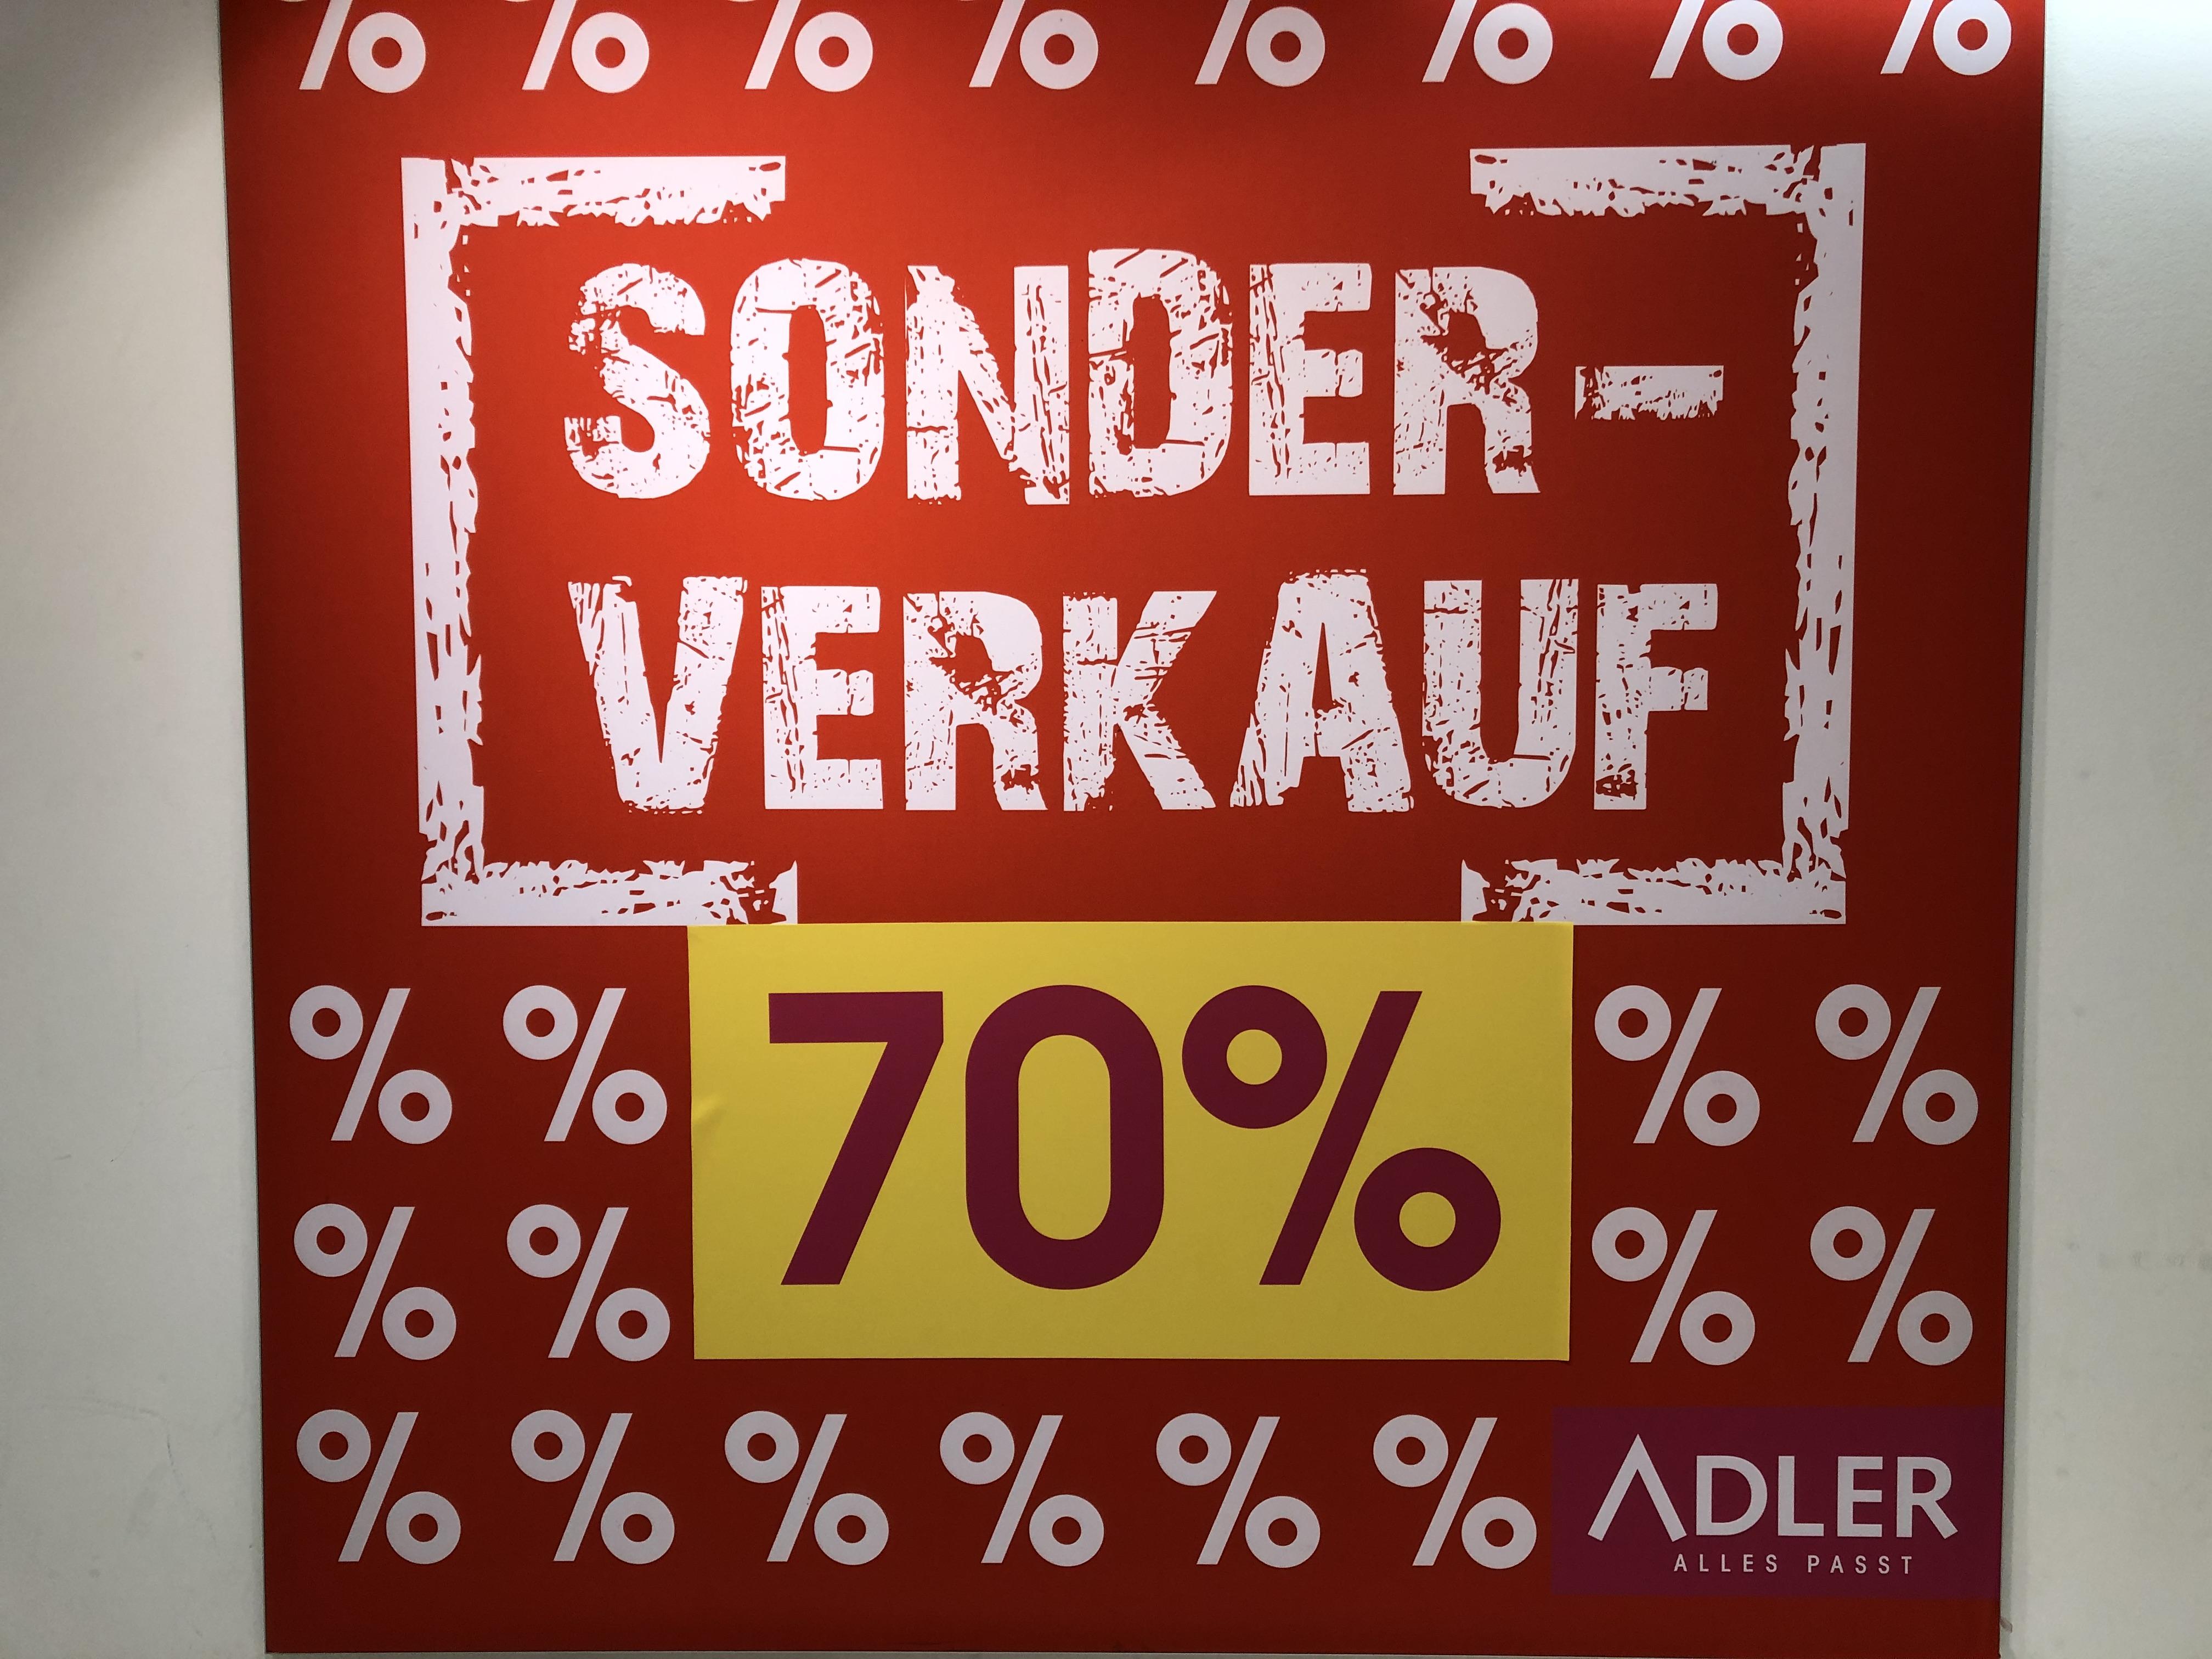 [München] Adler Mode Elisenhof - Sonderverkauf 70% Rabatt (Lokal)